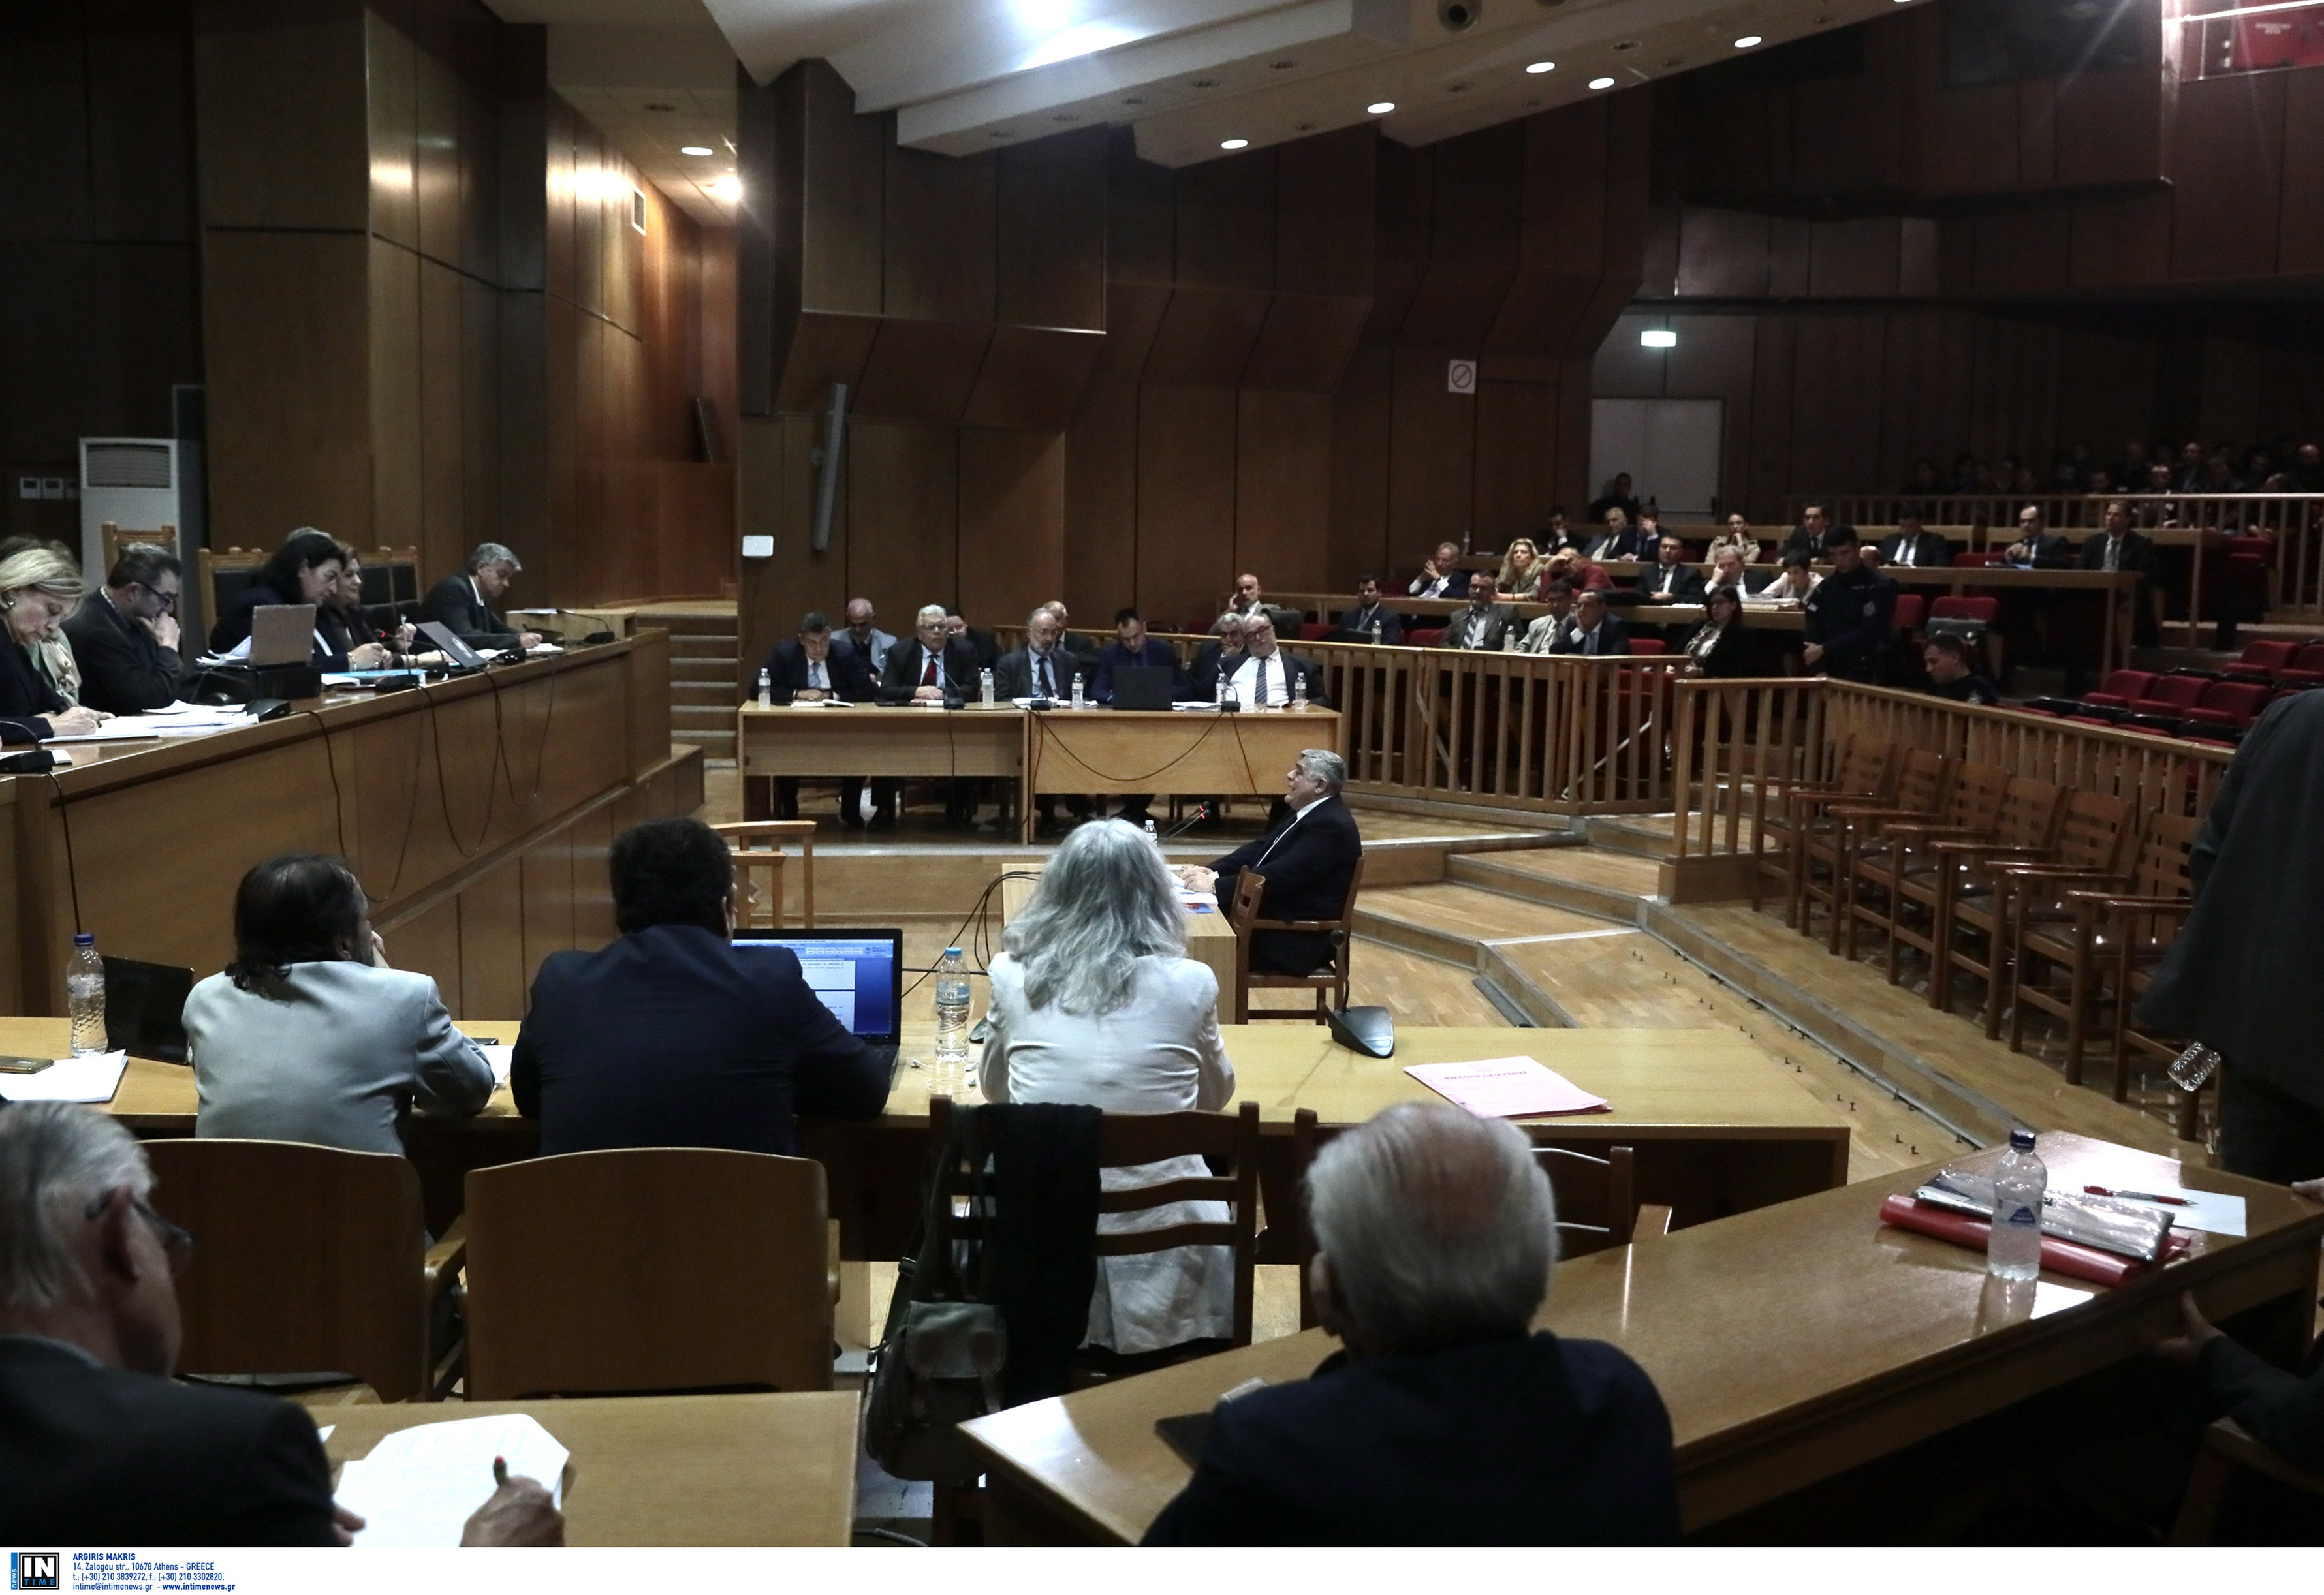 """Δίκη Χρυσής Αυγής: Απαλλαγή όλων για """"εγκληματική οργάνωση"""" πρότεινε η εισαγγελέας"""